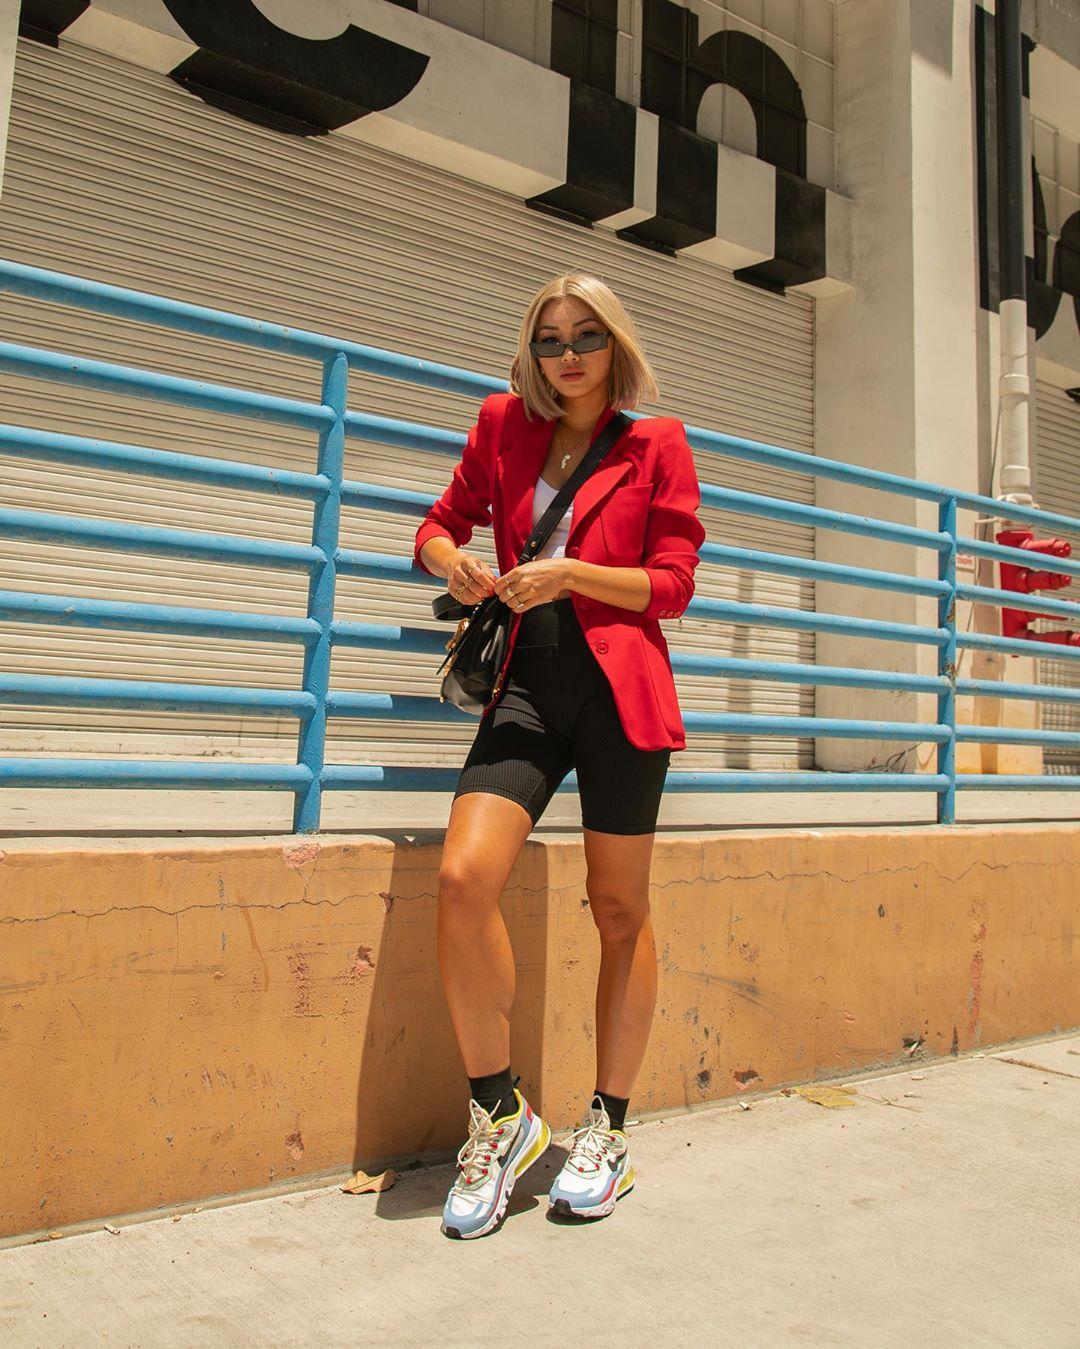 francis lola mặc quần shorts biker áo blazer theo phong cách thời trang athleisure